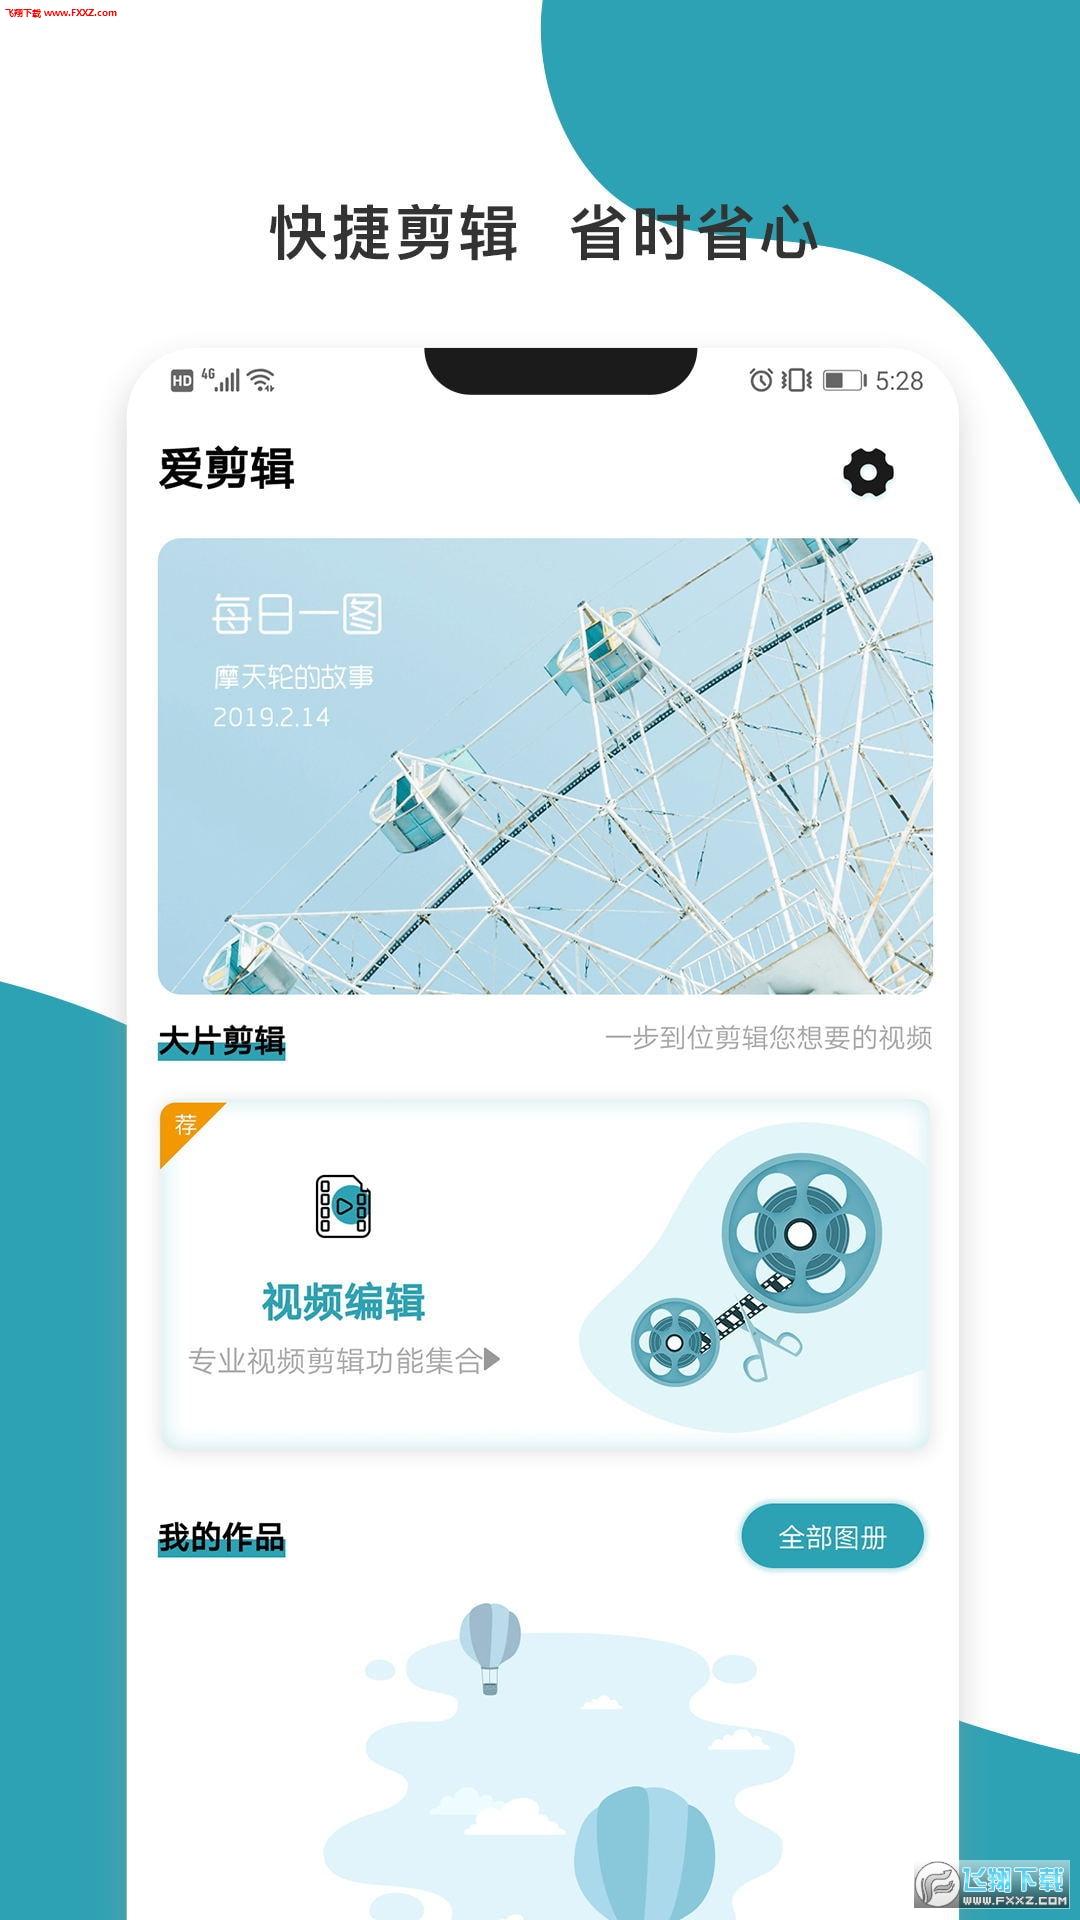 暴风剪辑app官方版1.0.0截图1